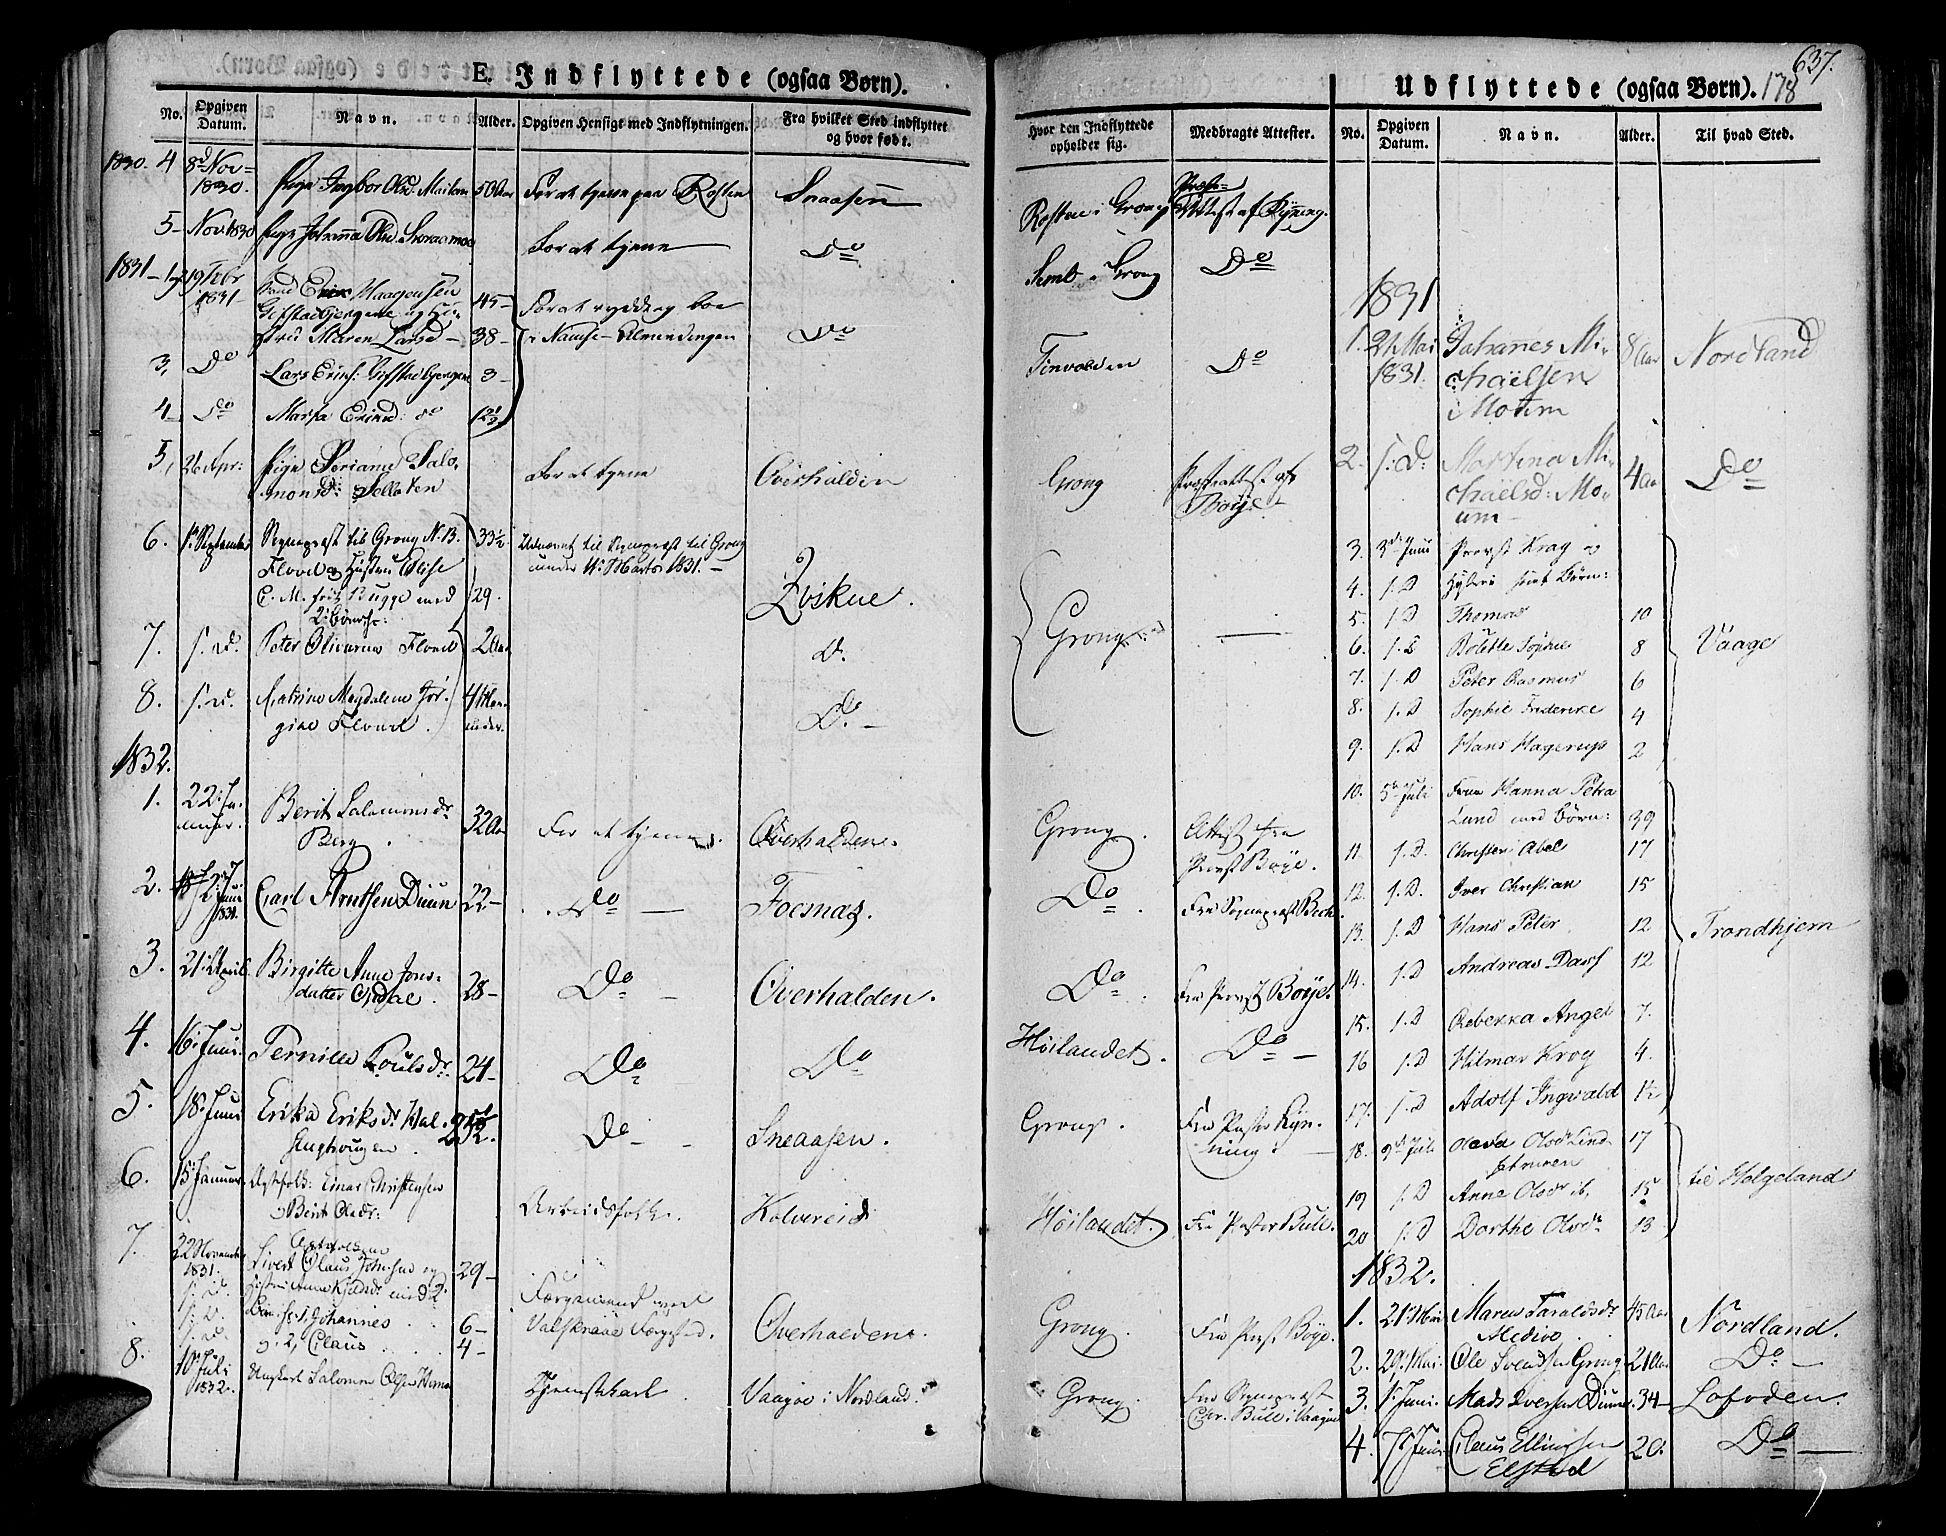 SAT, Ministerialprotokoller, klokkerbøker og fødselsregistre - Nord-Trøndelag, 758/L0510: Ministerialbok nr. 758A01 /1, 1821-1841, s. 178